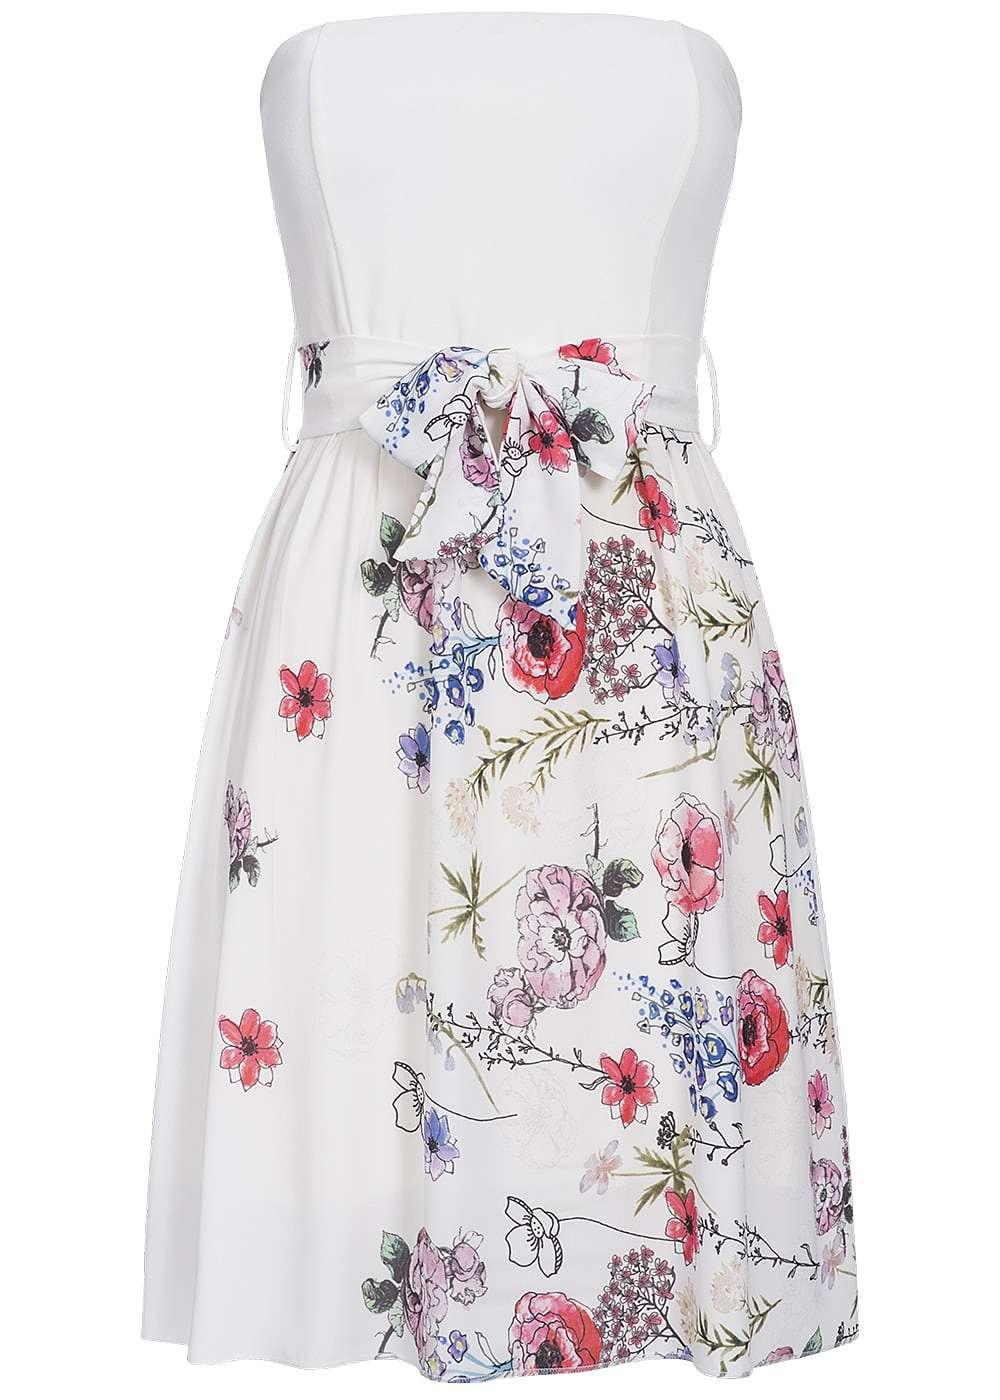 Kleid Blumen Bindeband Damen Muster Styleboom Fashion Mini Bandeau OnPvmN8y0w